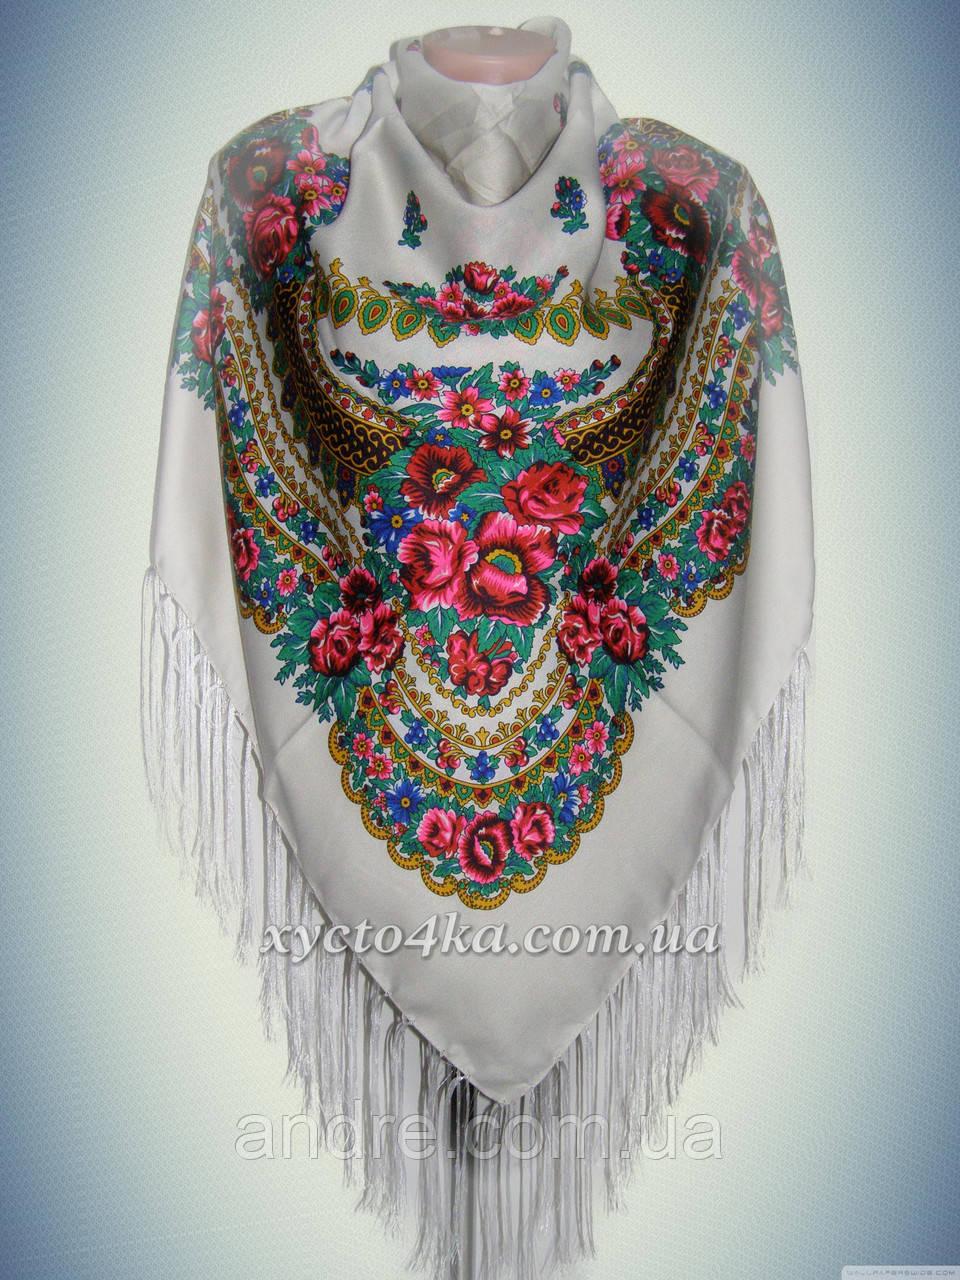 Шерстяной платок в народном стиле, белый